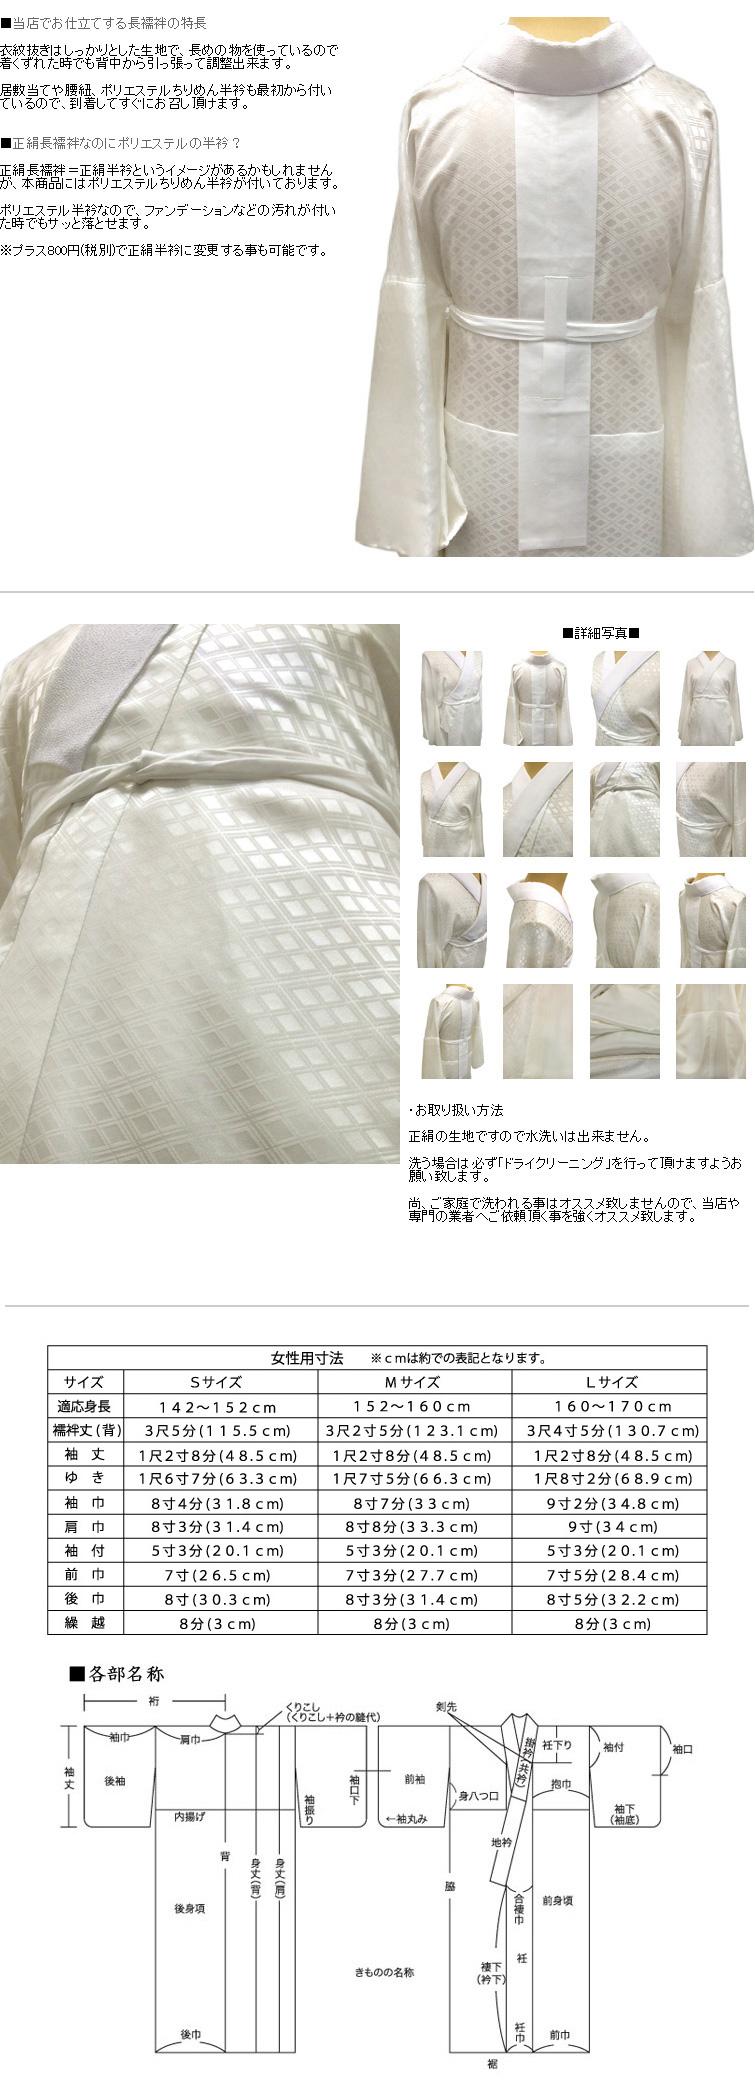 与交货可能纯丝长十番丝 nagajuban 与我们原来的三菱 jimon 丝绸 100%真丝睡衣 bi 任期长期以来认为和拔出日本 Pro 十番制作的新艺术风格带 / 长丝 nagajyuban